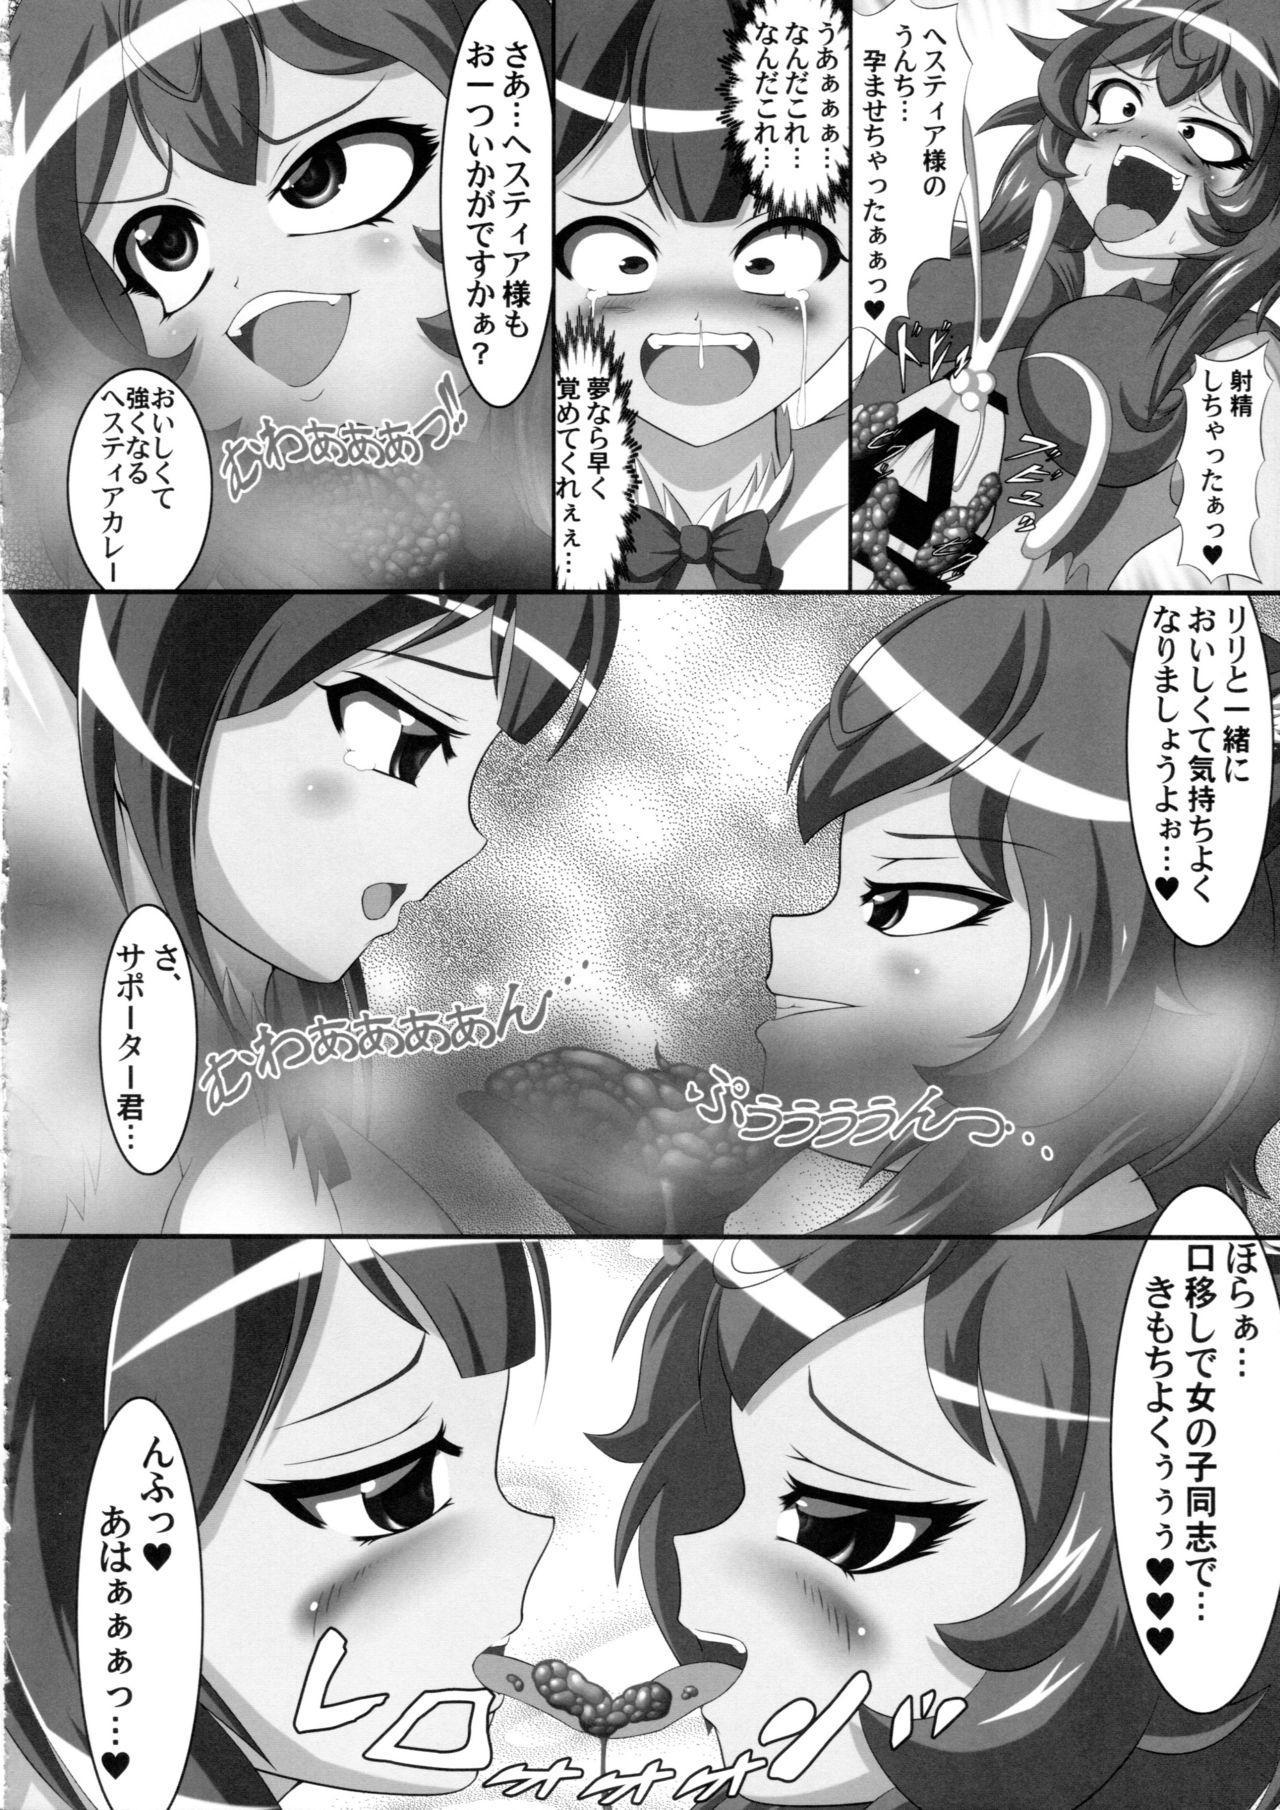 Hestia no Unko o Taberu no wa Machigatte Iru Darou ka 10